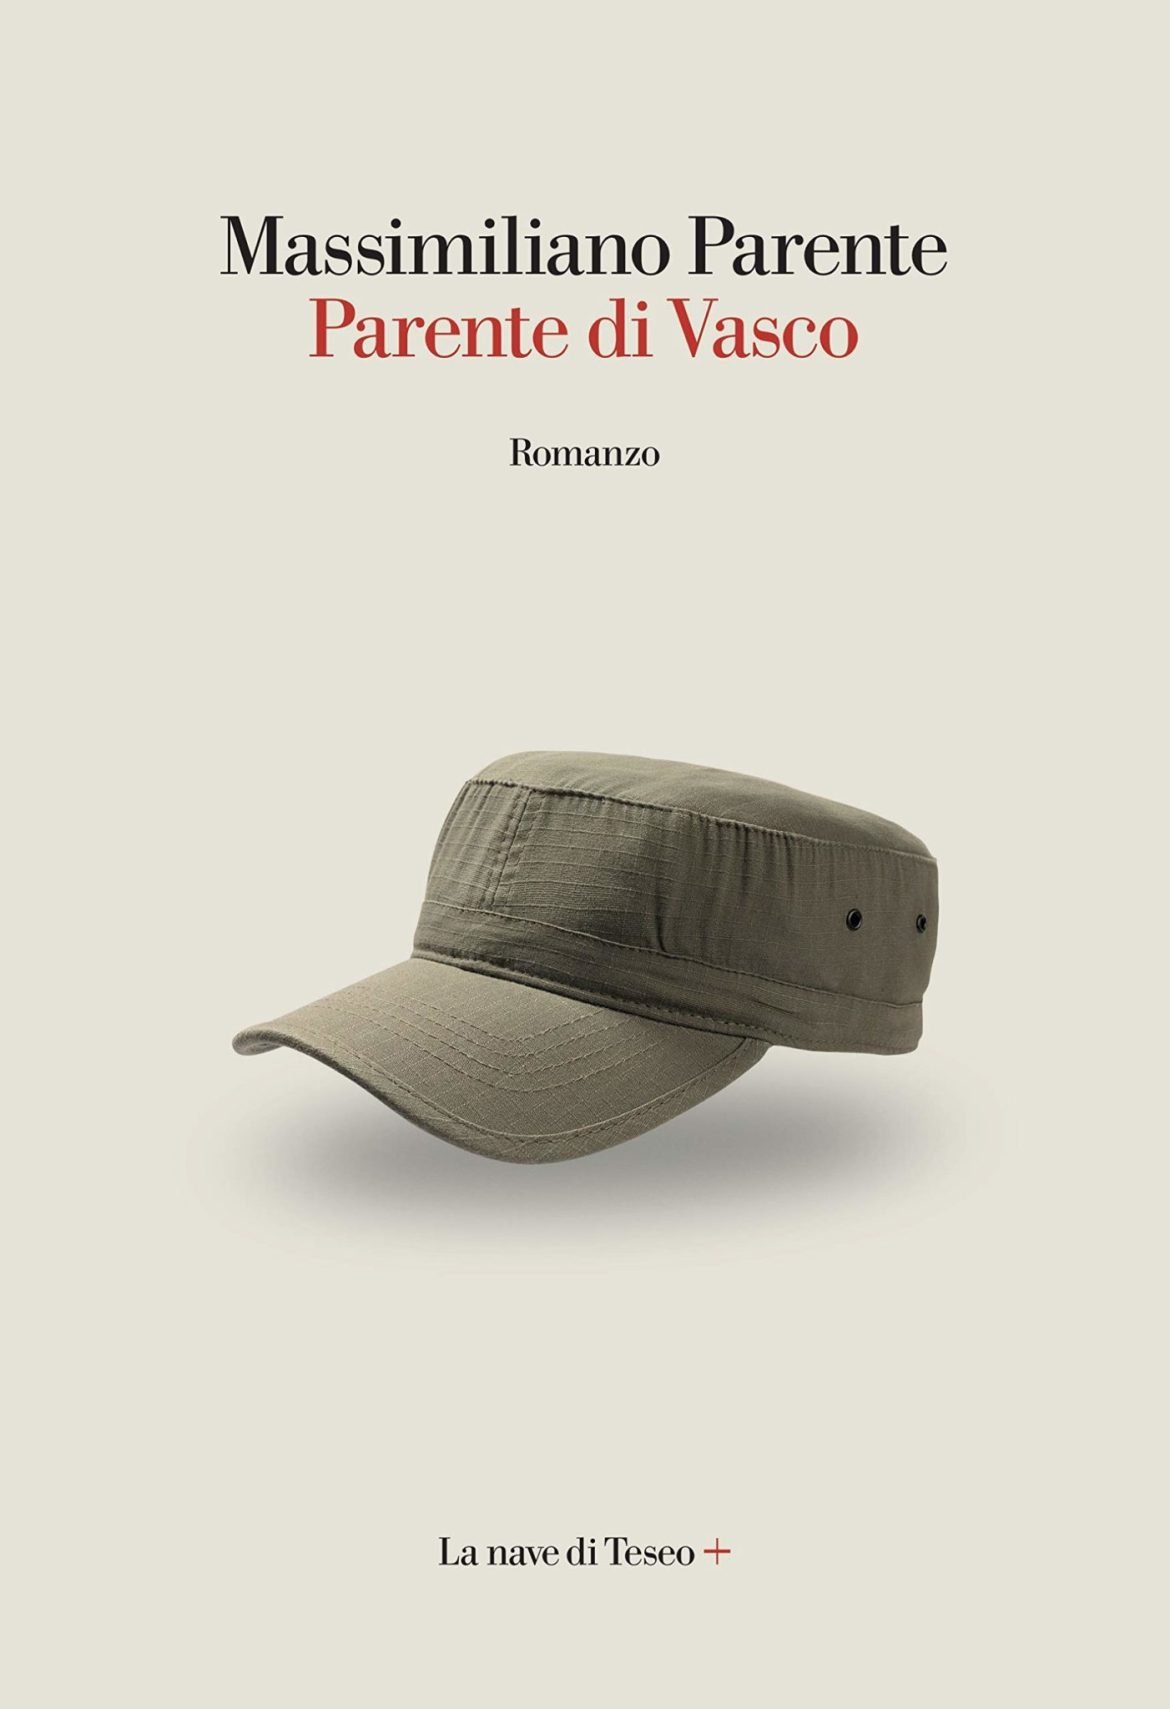 Recensione di Parente Di Vasco – Massimiliano Parente